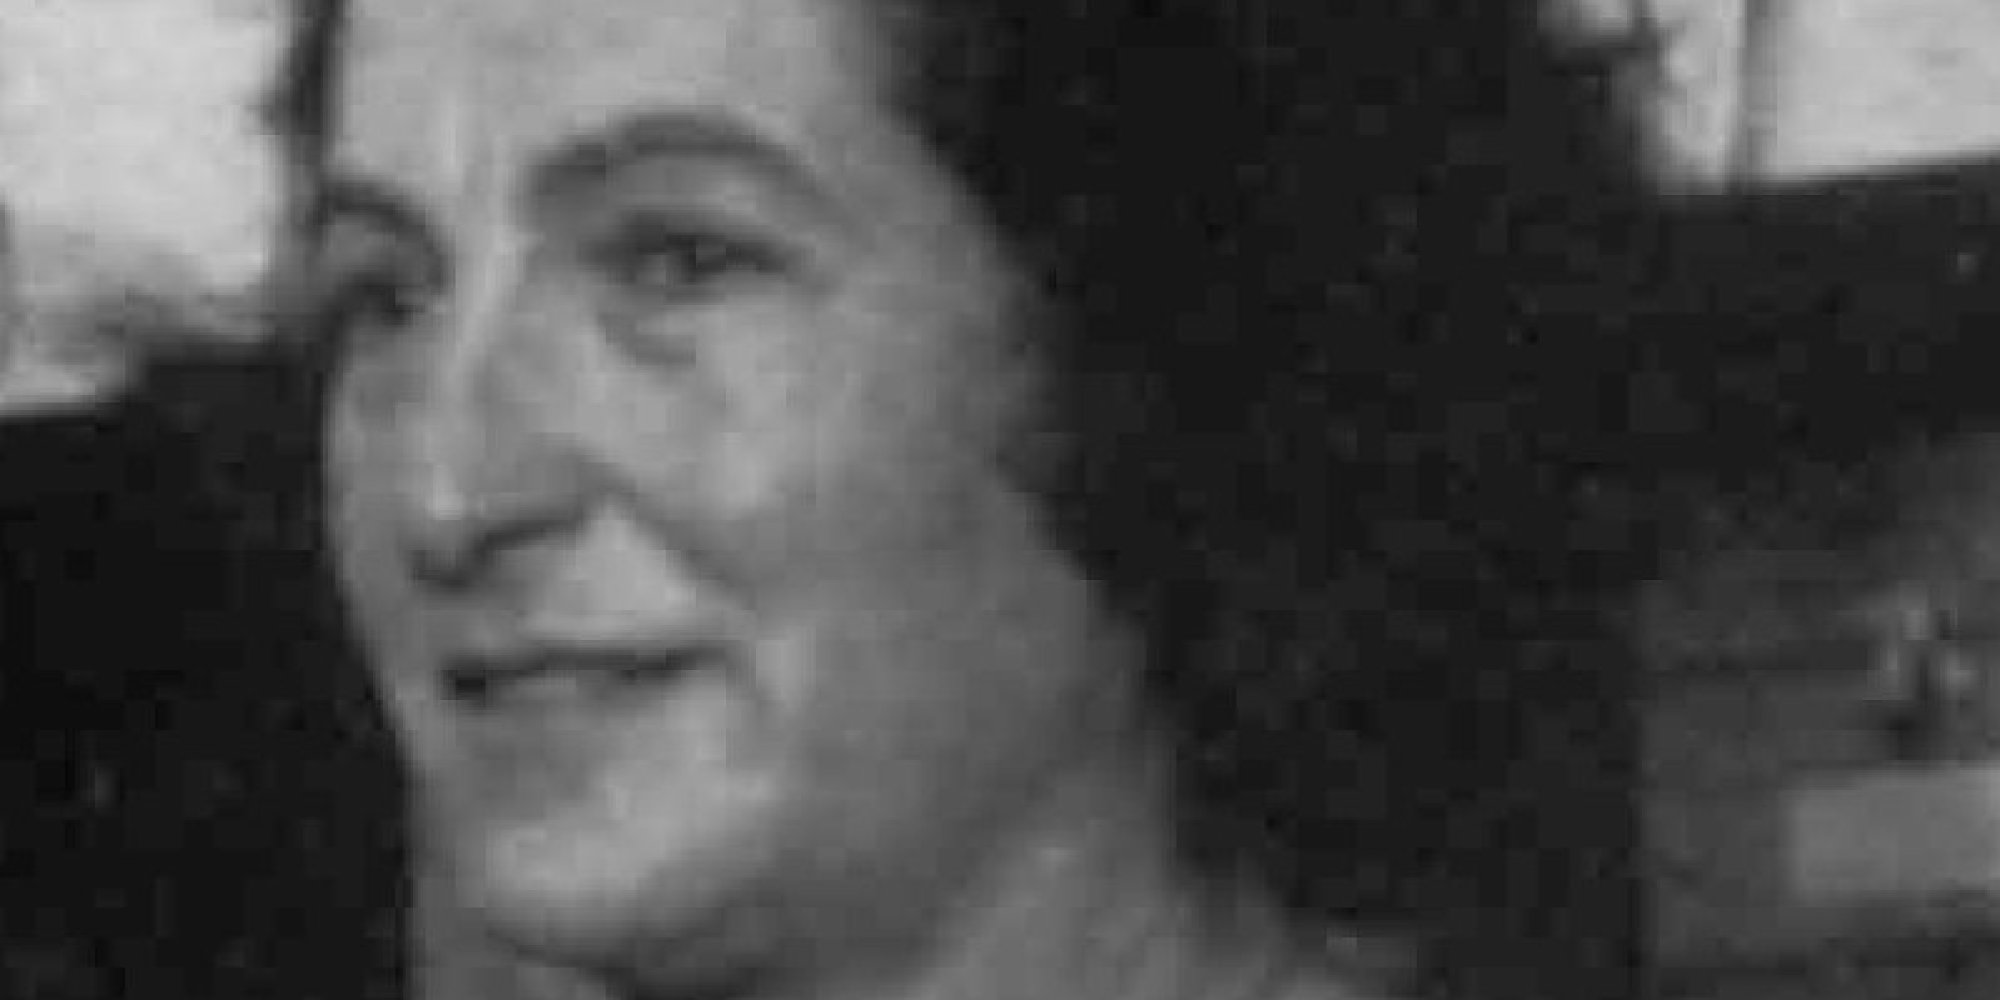 Naturisme: Christiane Lecocq, fondatrice du mouvement en France ... - Le Huffington Post